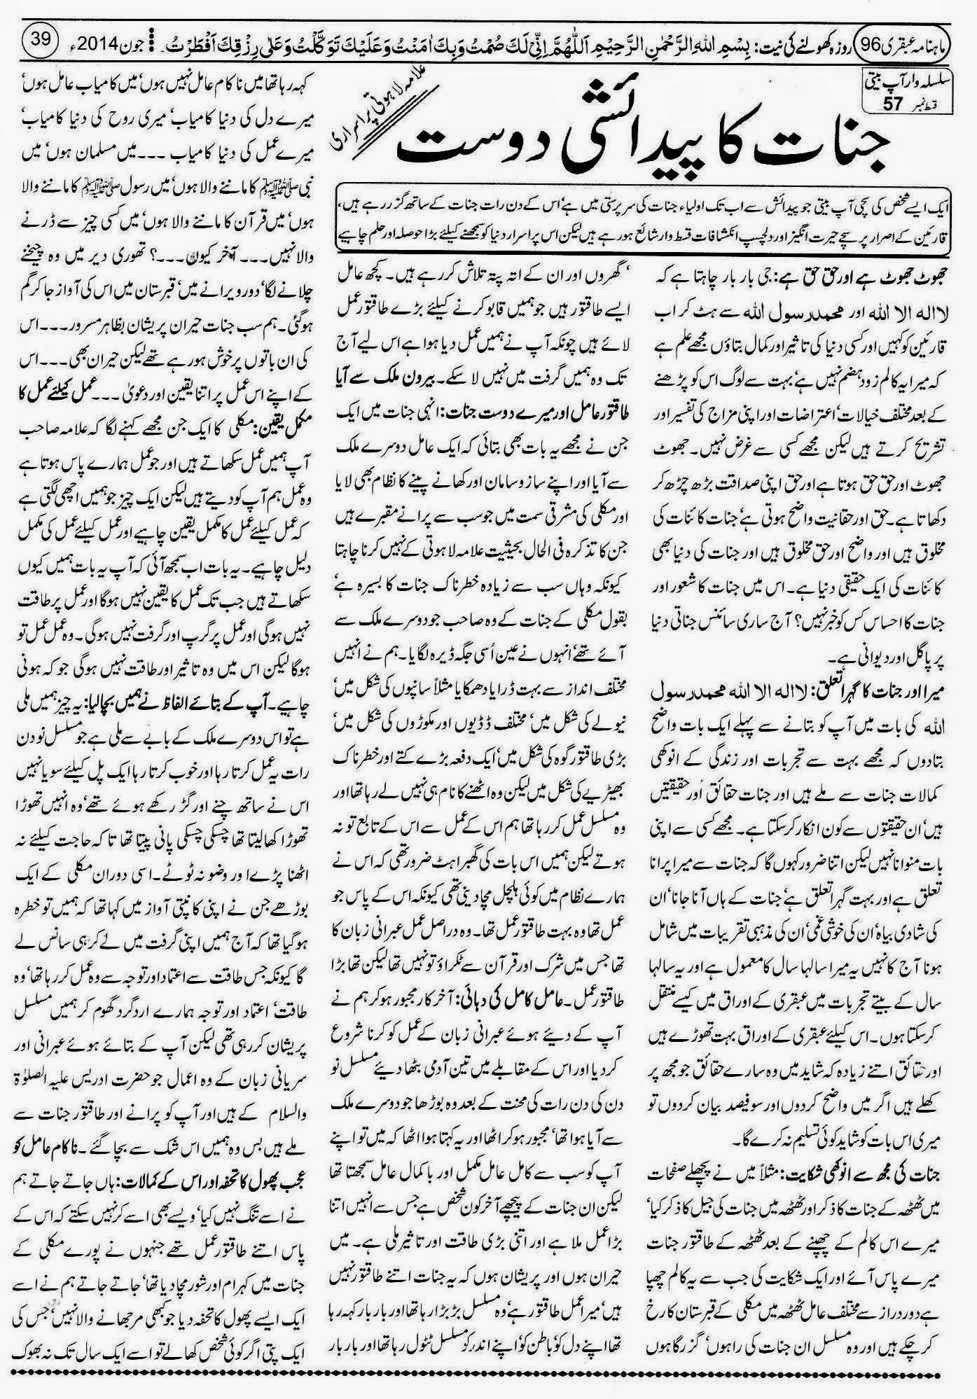 ubqari june 2014 page 39